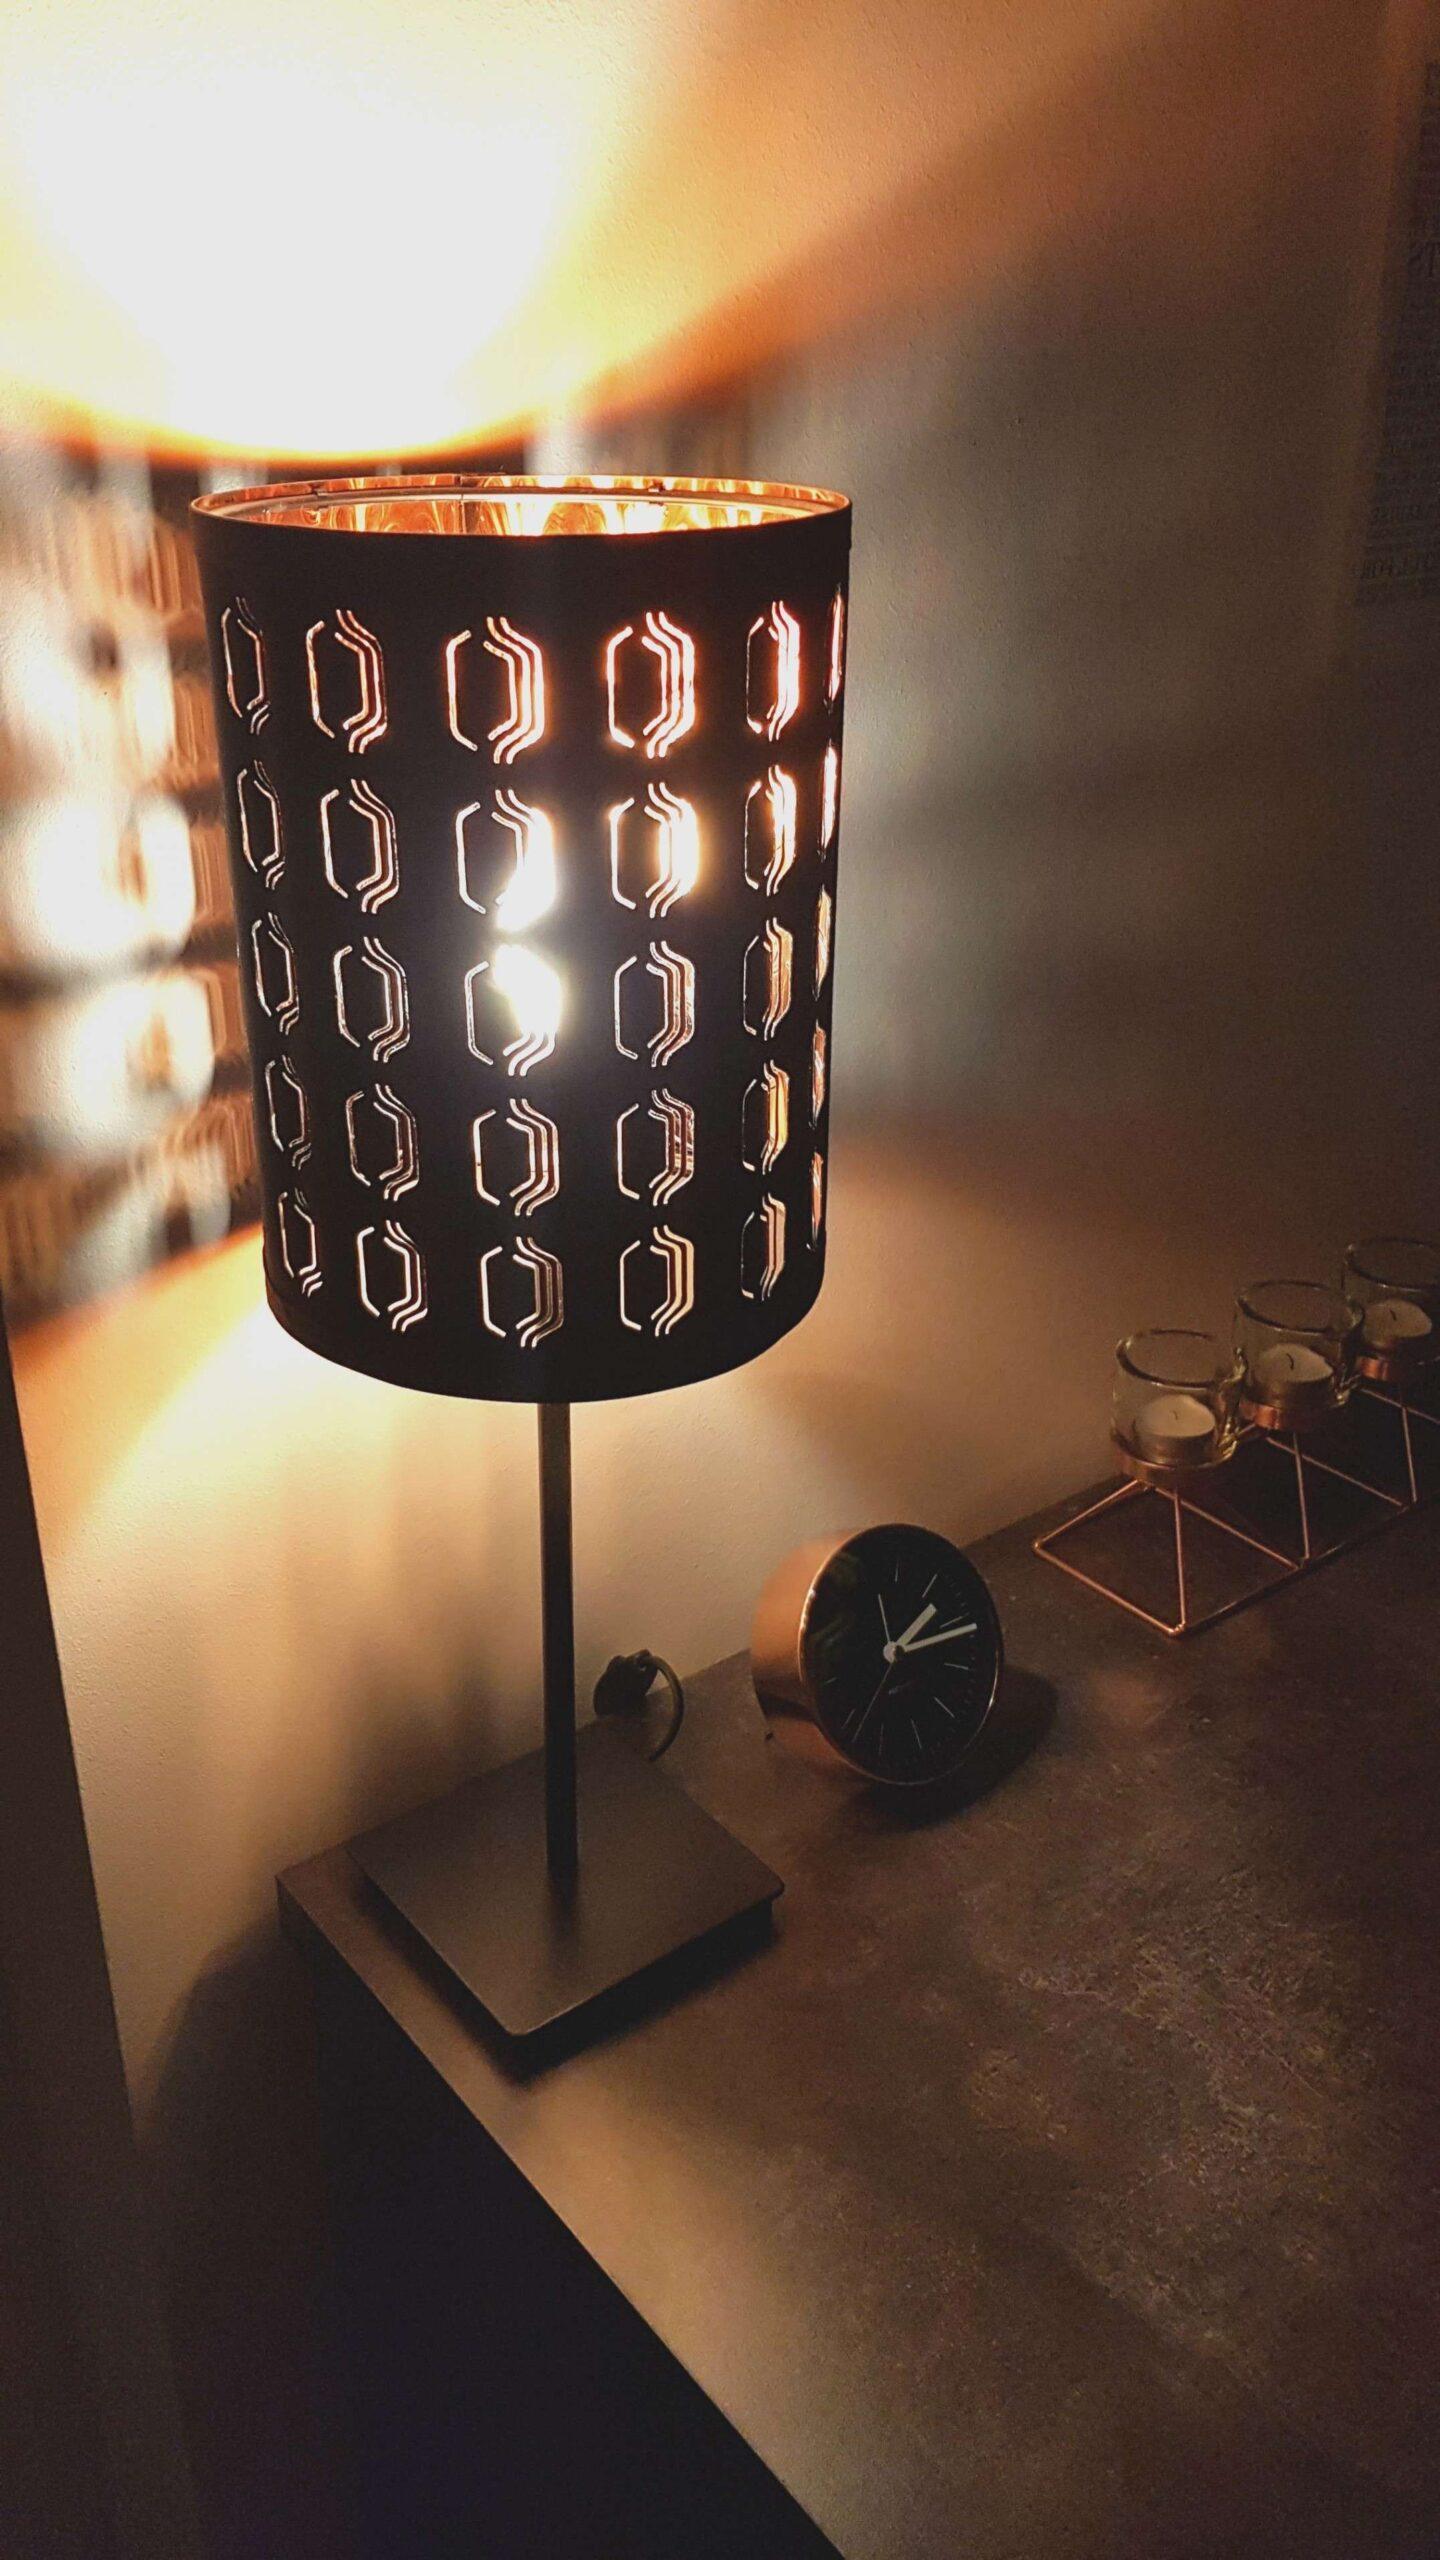 Full Size of Wohnzimmer Lampe Stehend Ikea Leuchten Lampen Von Decke Stehlampe Inspirierend 32 Led Deckenleuchte Bad Schlafzimmer Liege Heizkörper Landhausstil Schrank Wohnzimmer Wohnzimmer Lampe Ikea